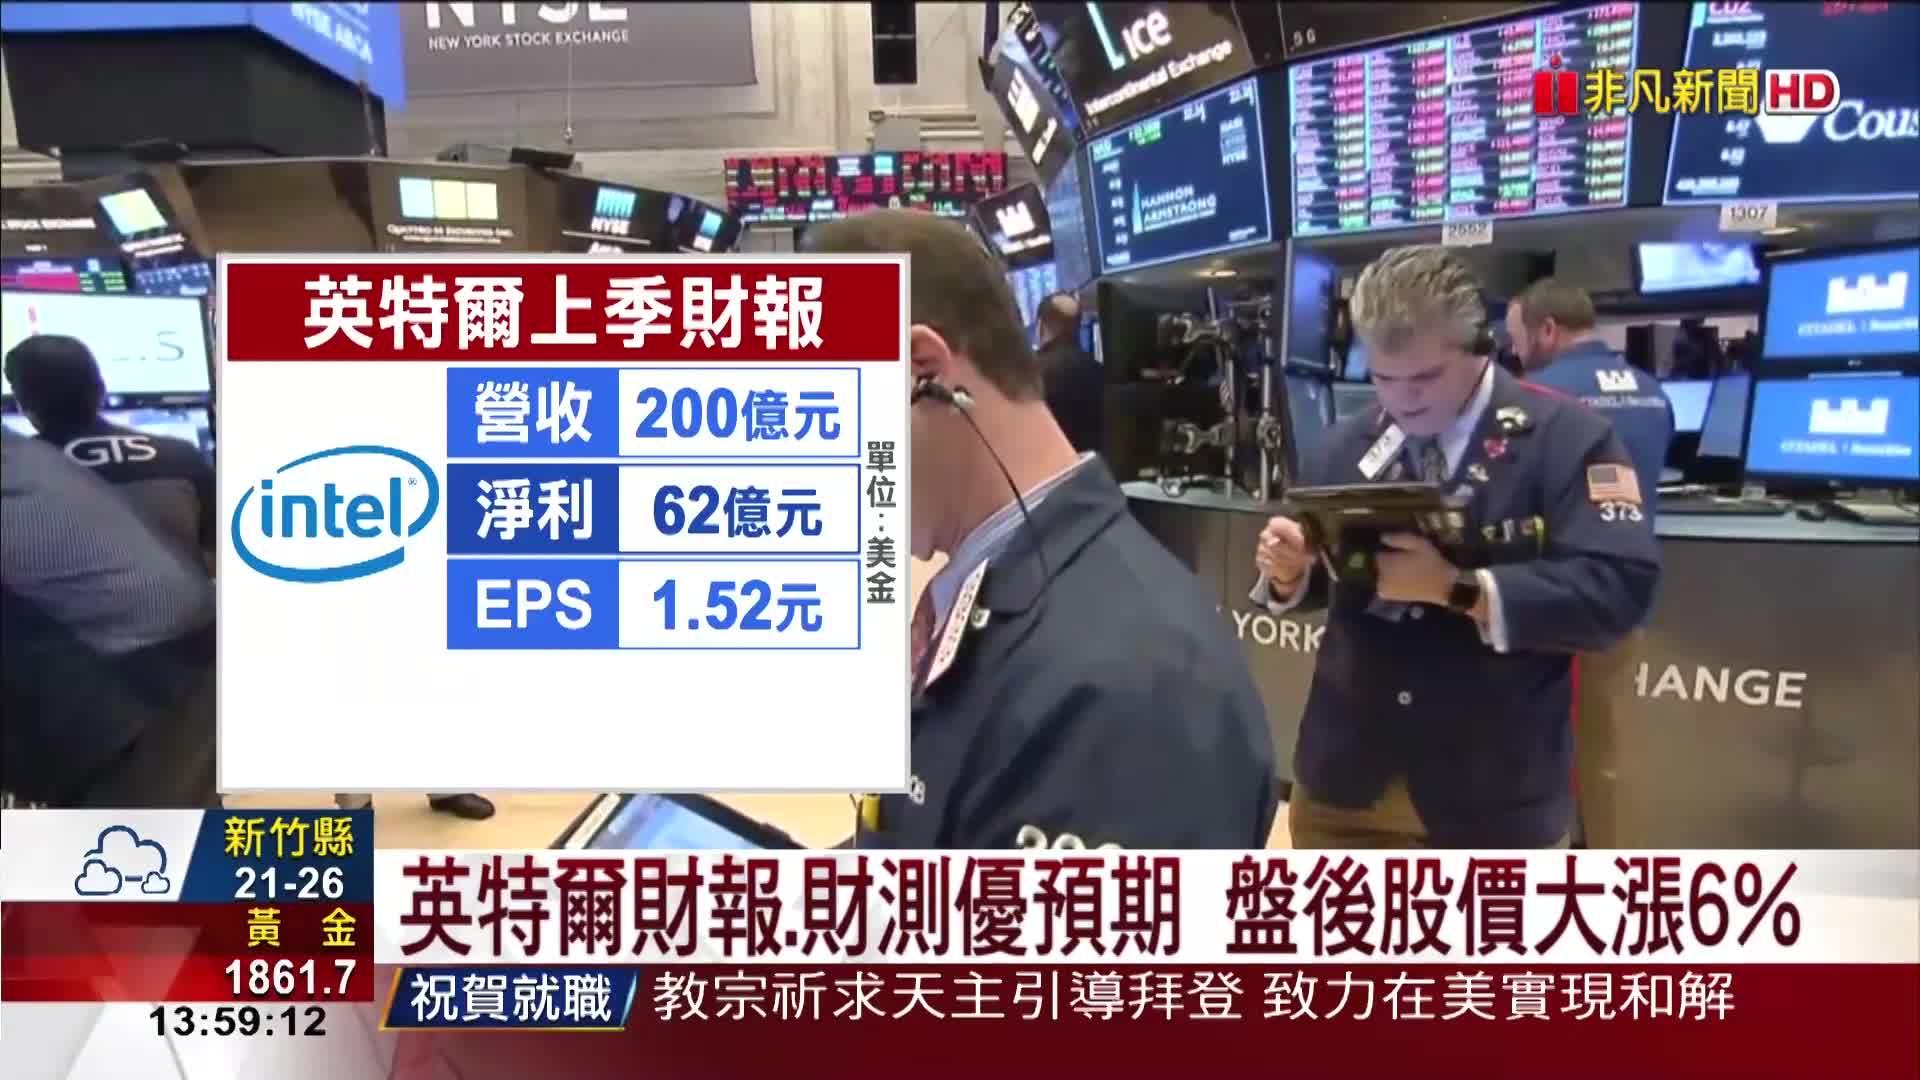 英特爾財報.財測優預期 盤後股價大漲6%